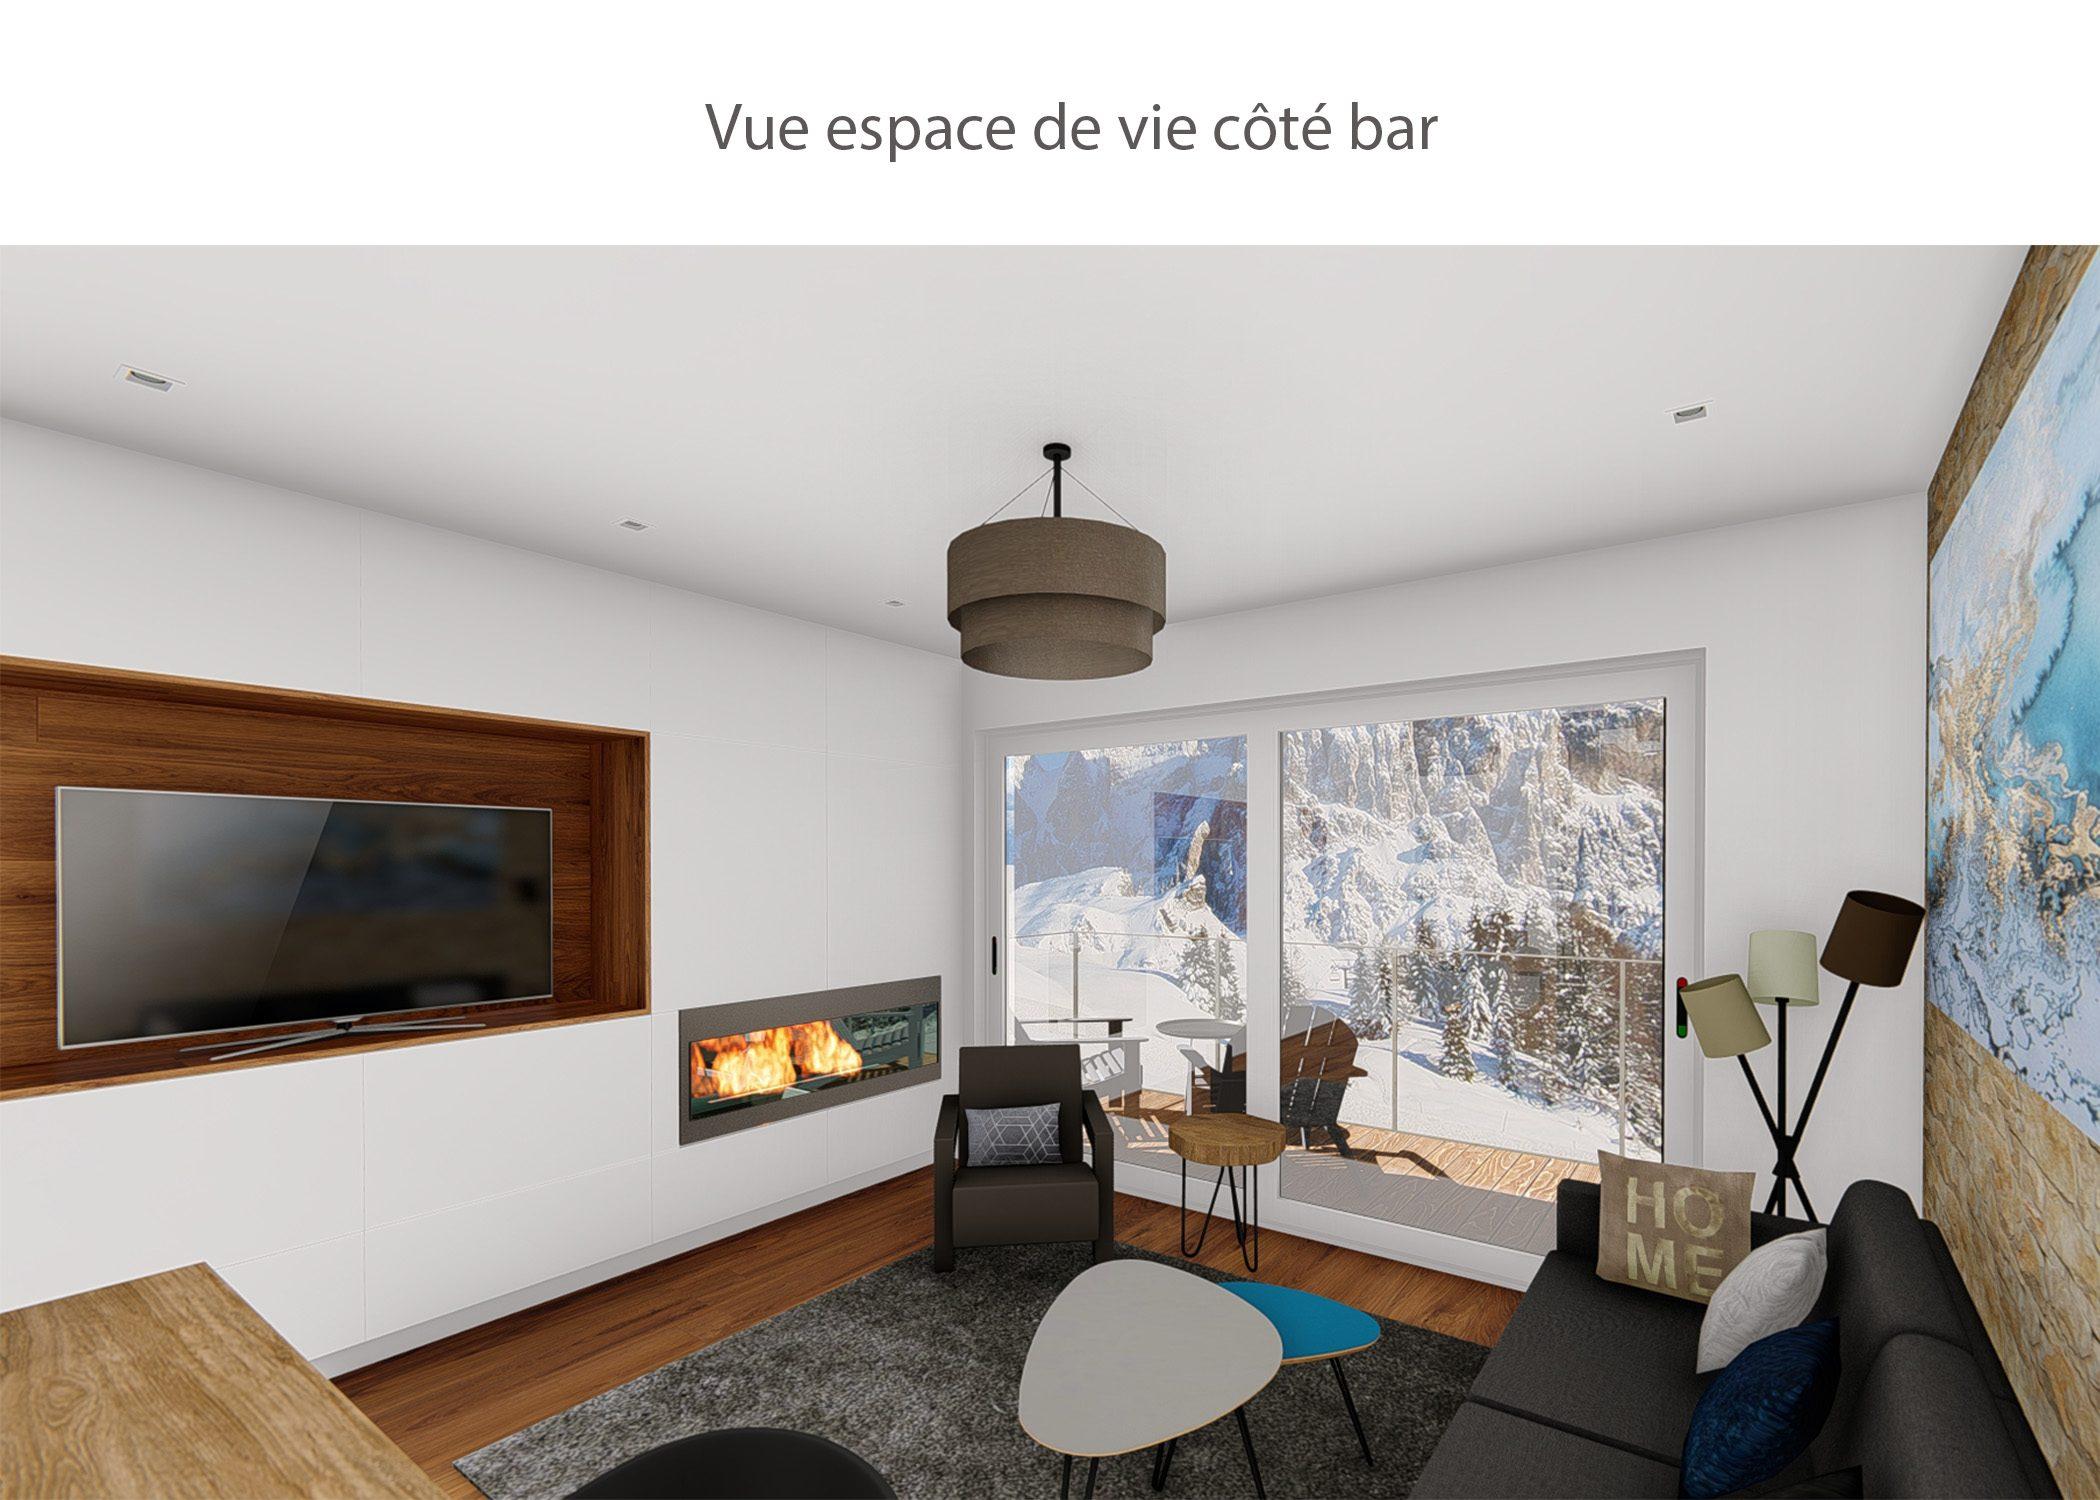 amenagement-decoration-appartement-montagne-italie-espace de vie cote bar-dekho design